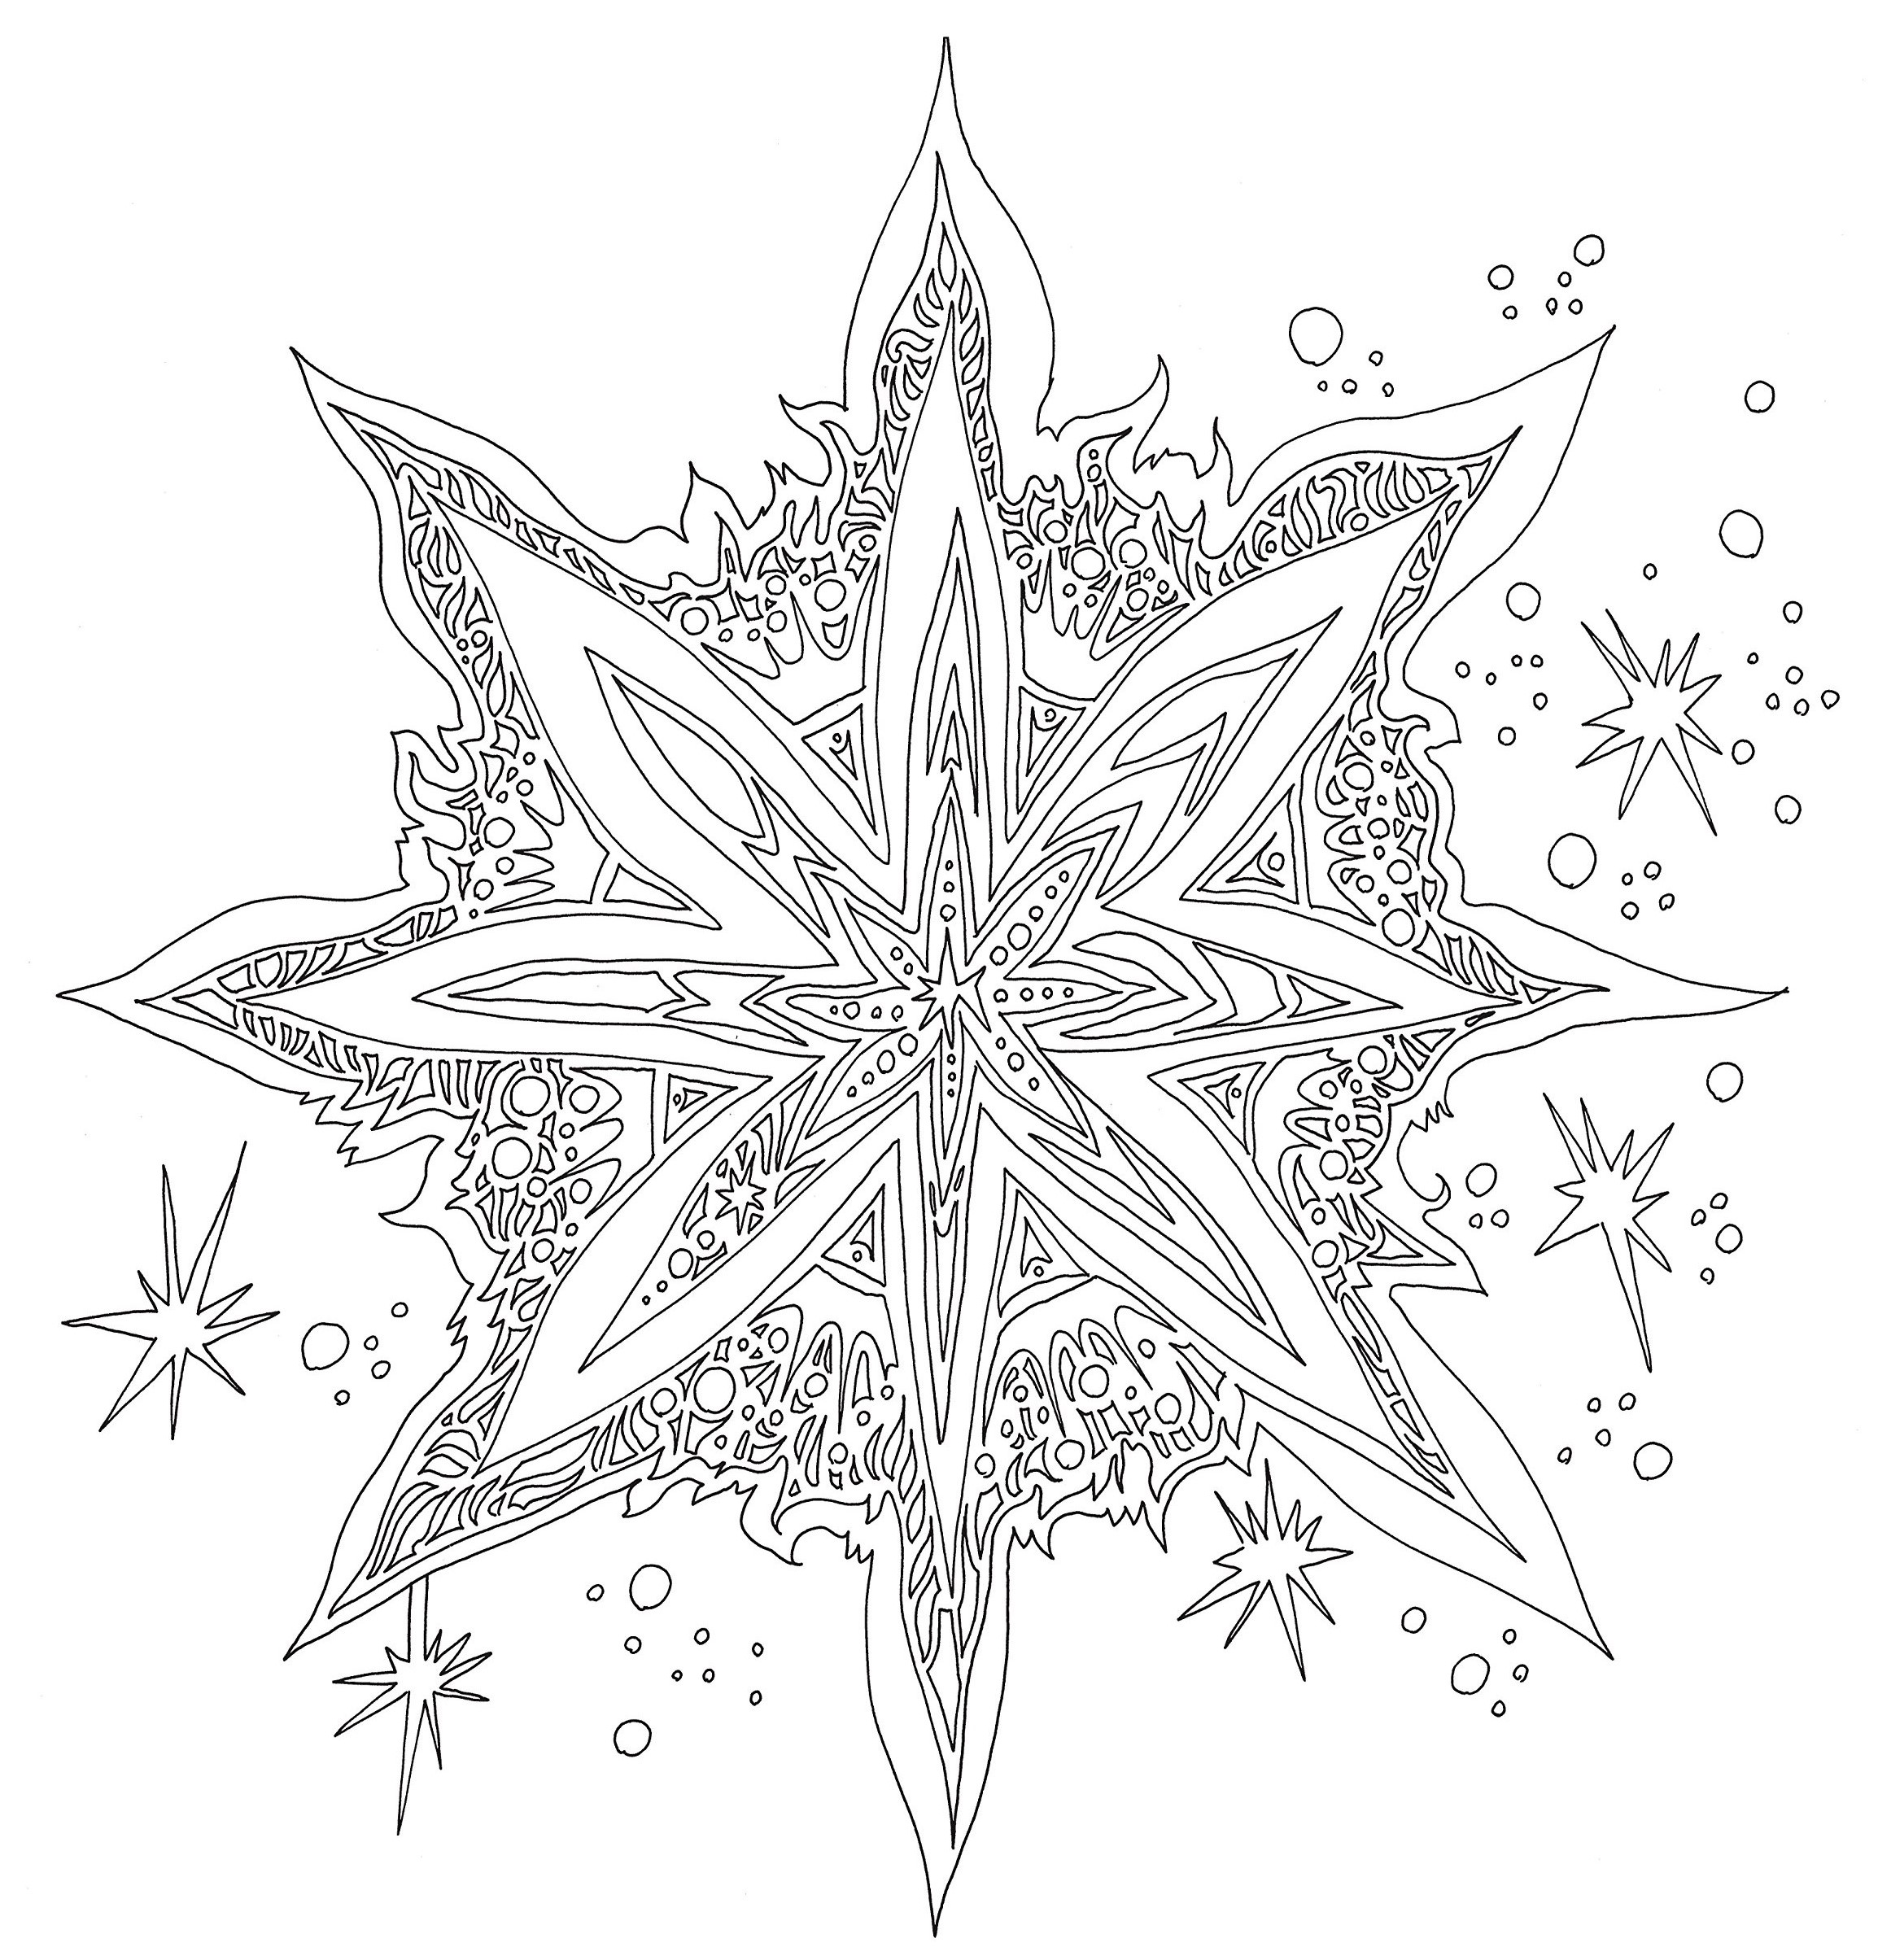 Раскраски сложные для взрослых антистресс «Снежинка Сосулька», чтобы распечатать